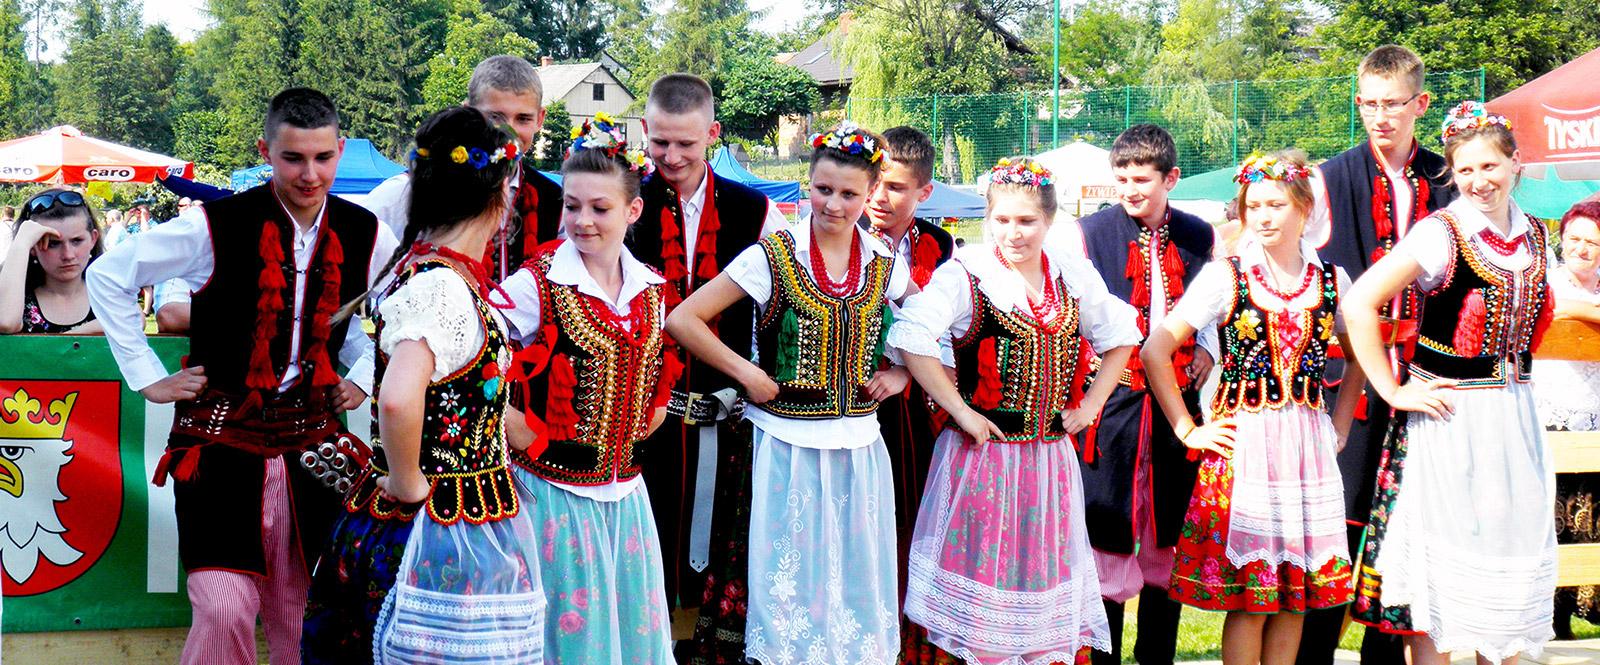 V Festiwal Godki Krakowskiej @ Centrum Kultury, Sportu i Rekreacji w Skale | Skała | małopolskie | Polska